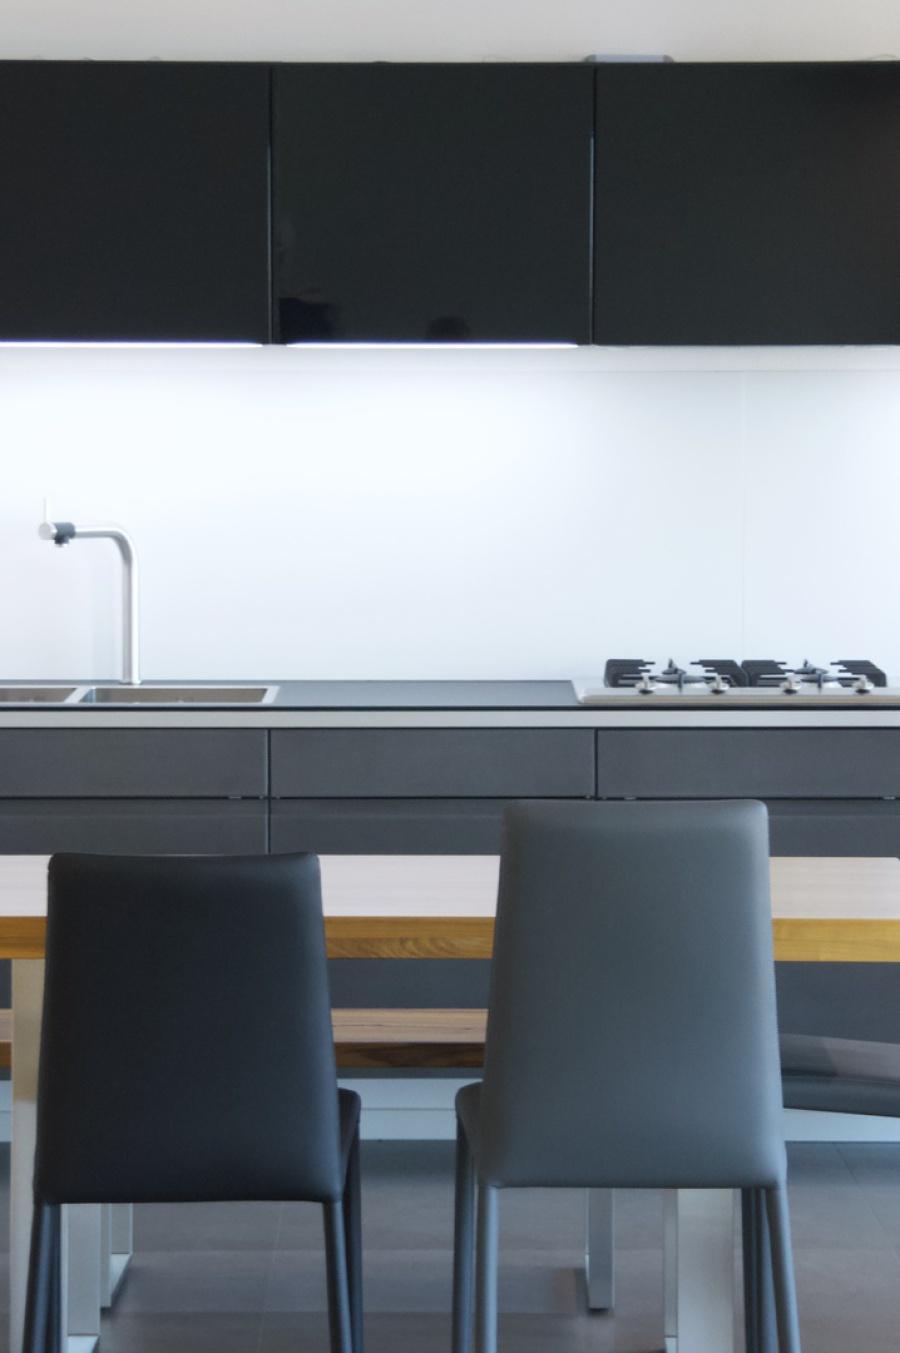 bilder f r k che und esszimmer landhaus kommode k che vollholz wei h ngeschrank ebay berlin. Black Bedroom Furniture Sets. Home Design Ideas